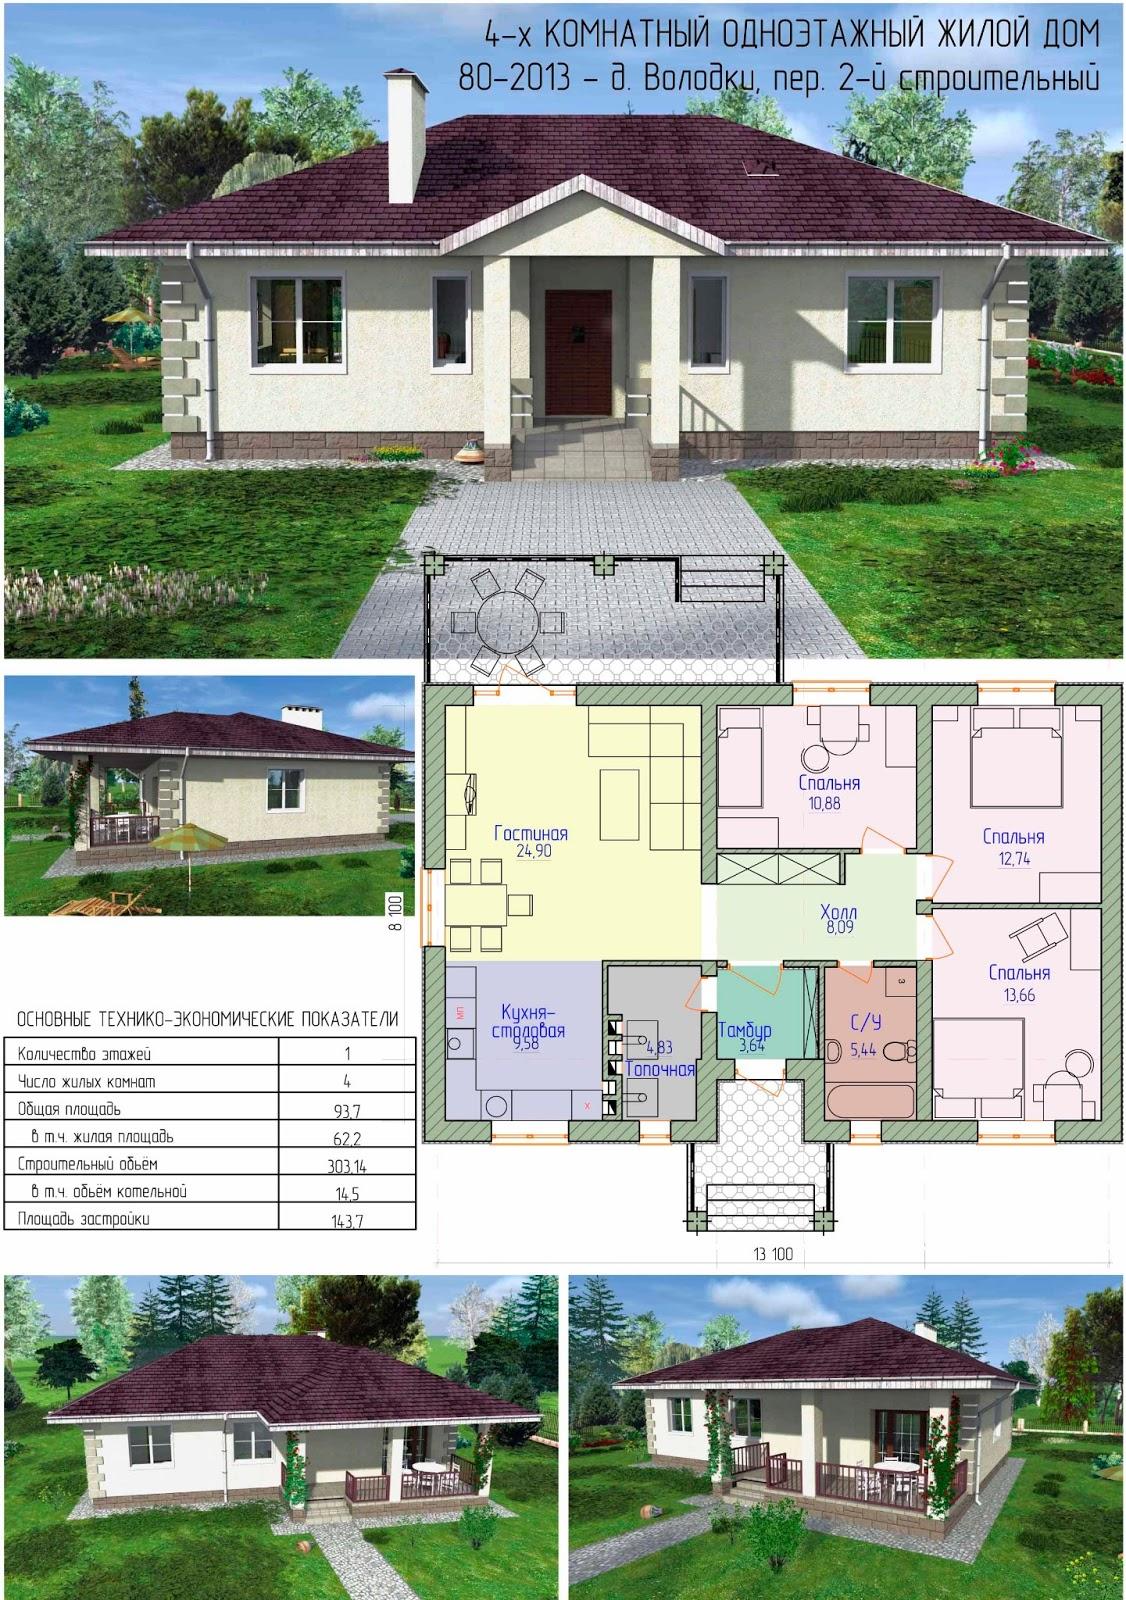 Проектирование дома своими руками: как сделать проект дома самому 18